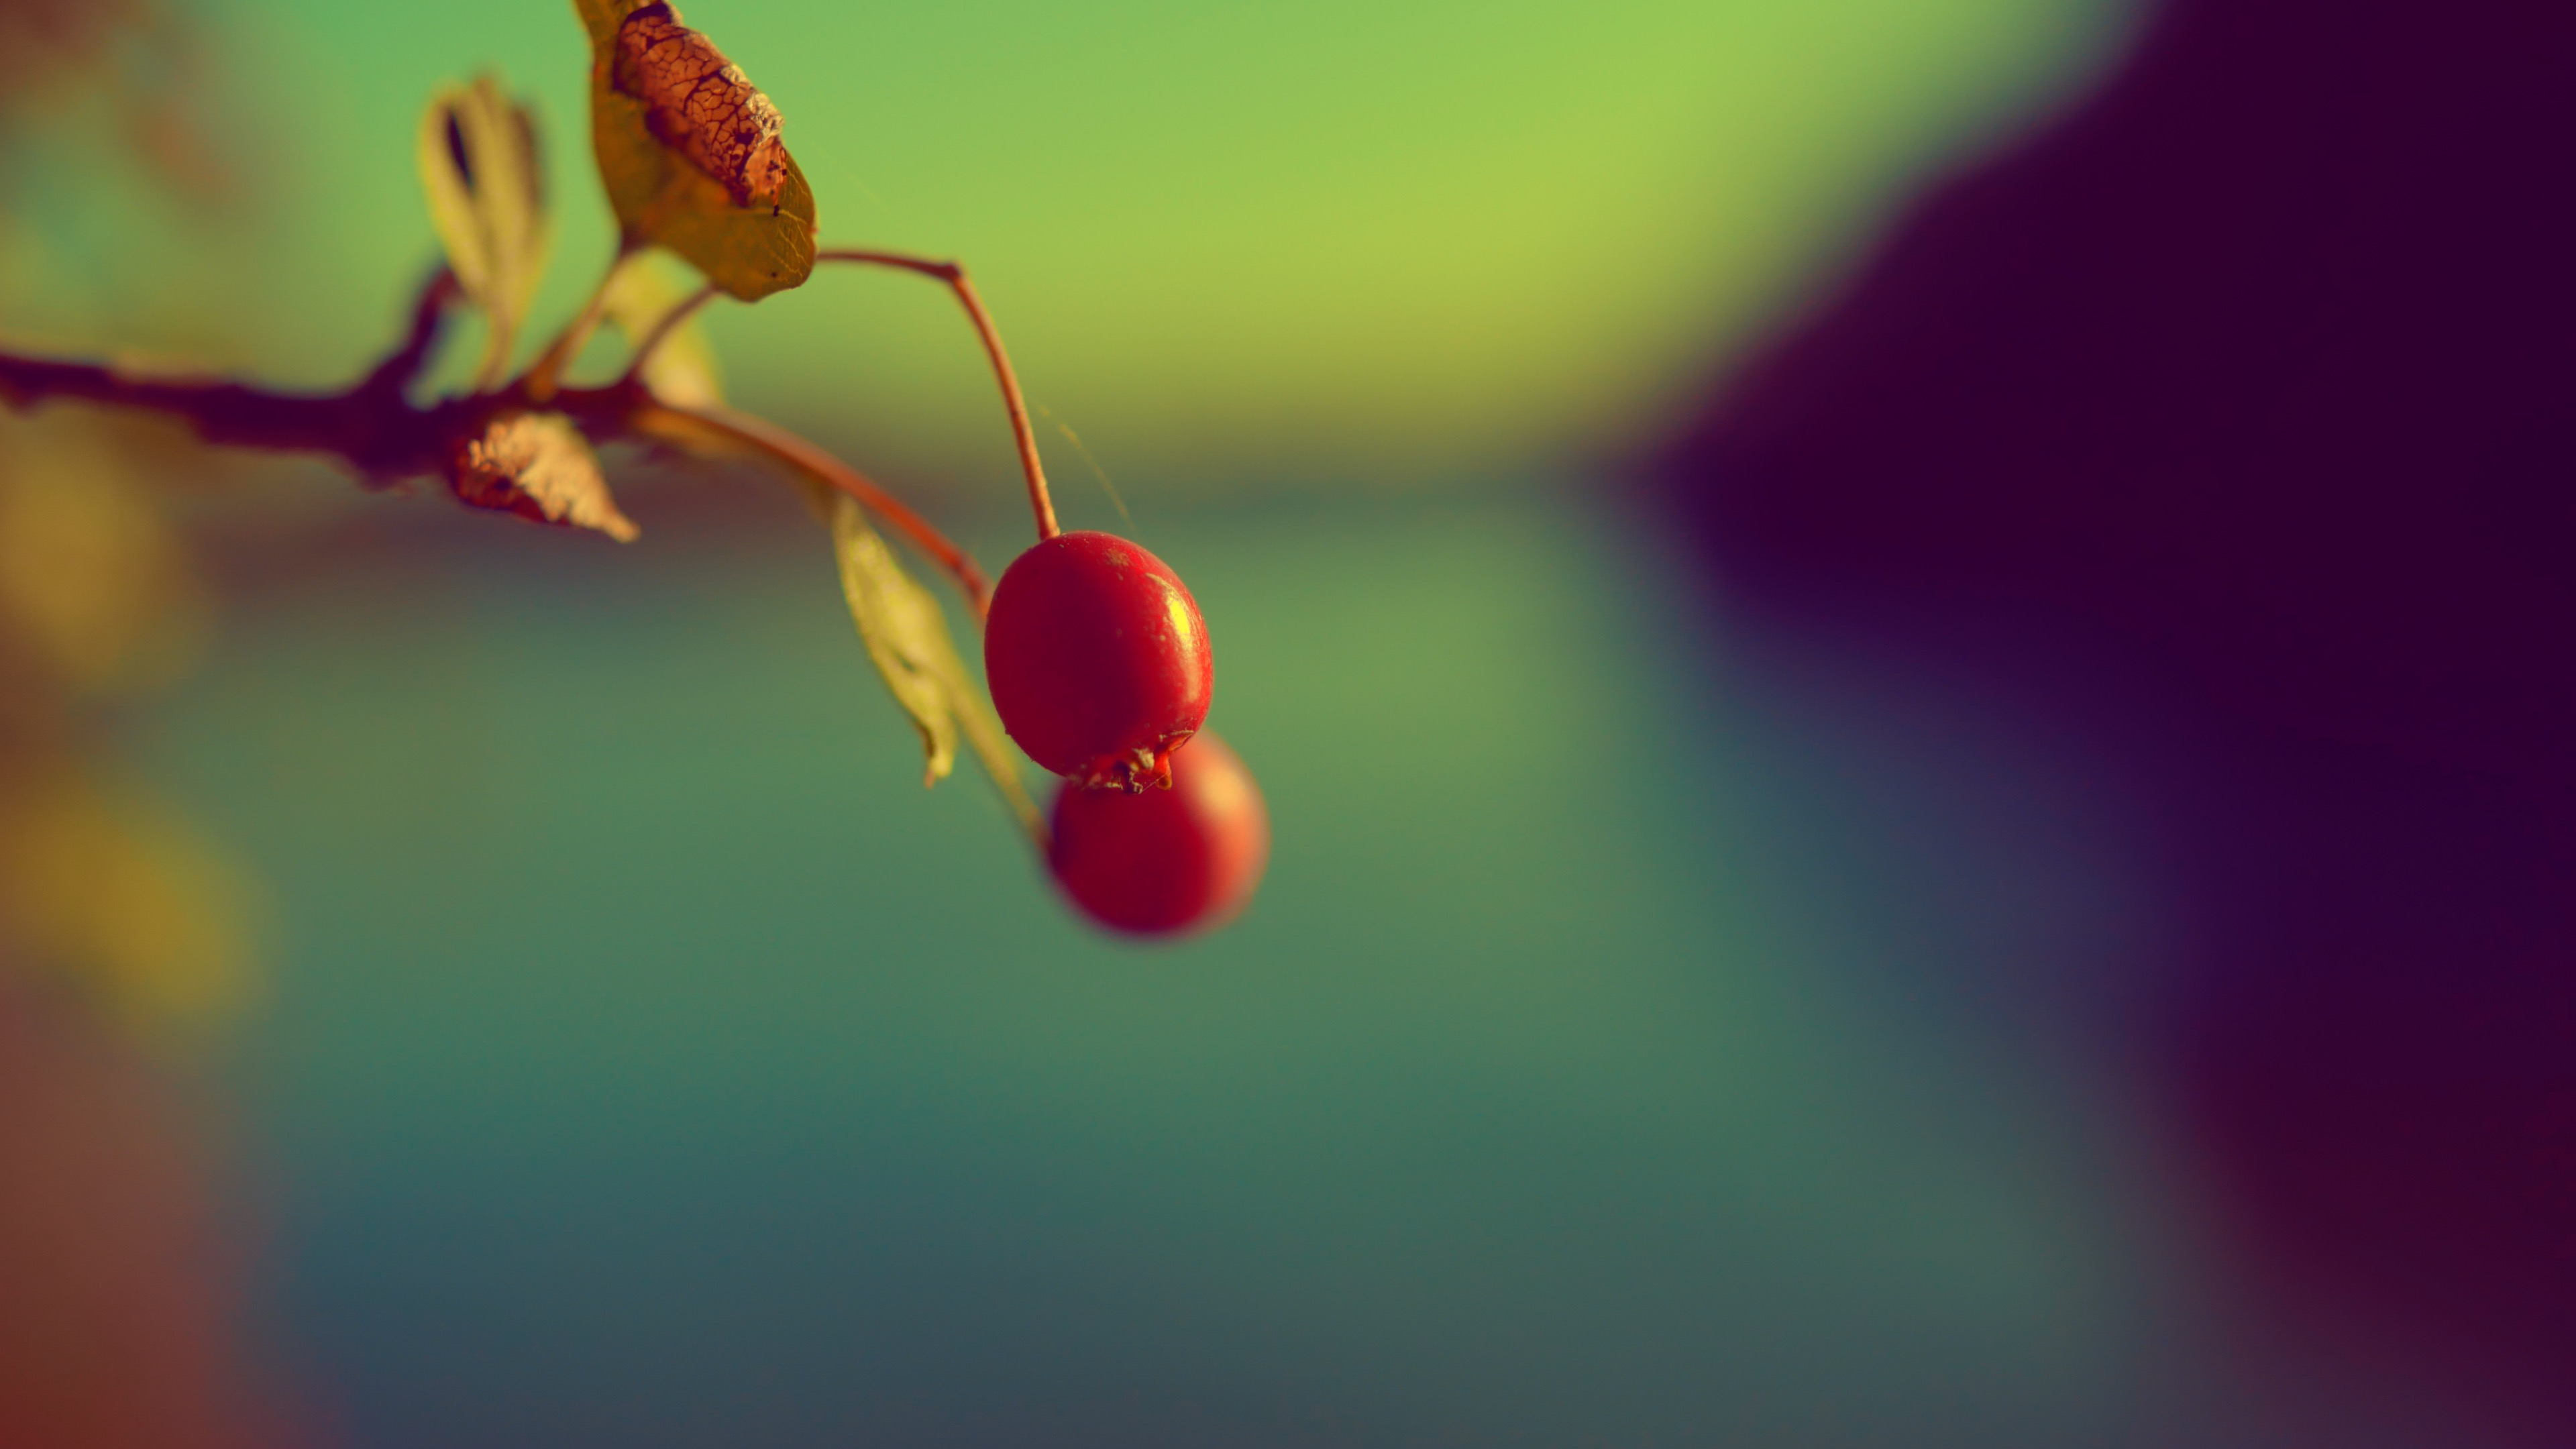 The 2 Cherries